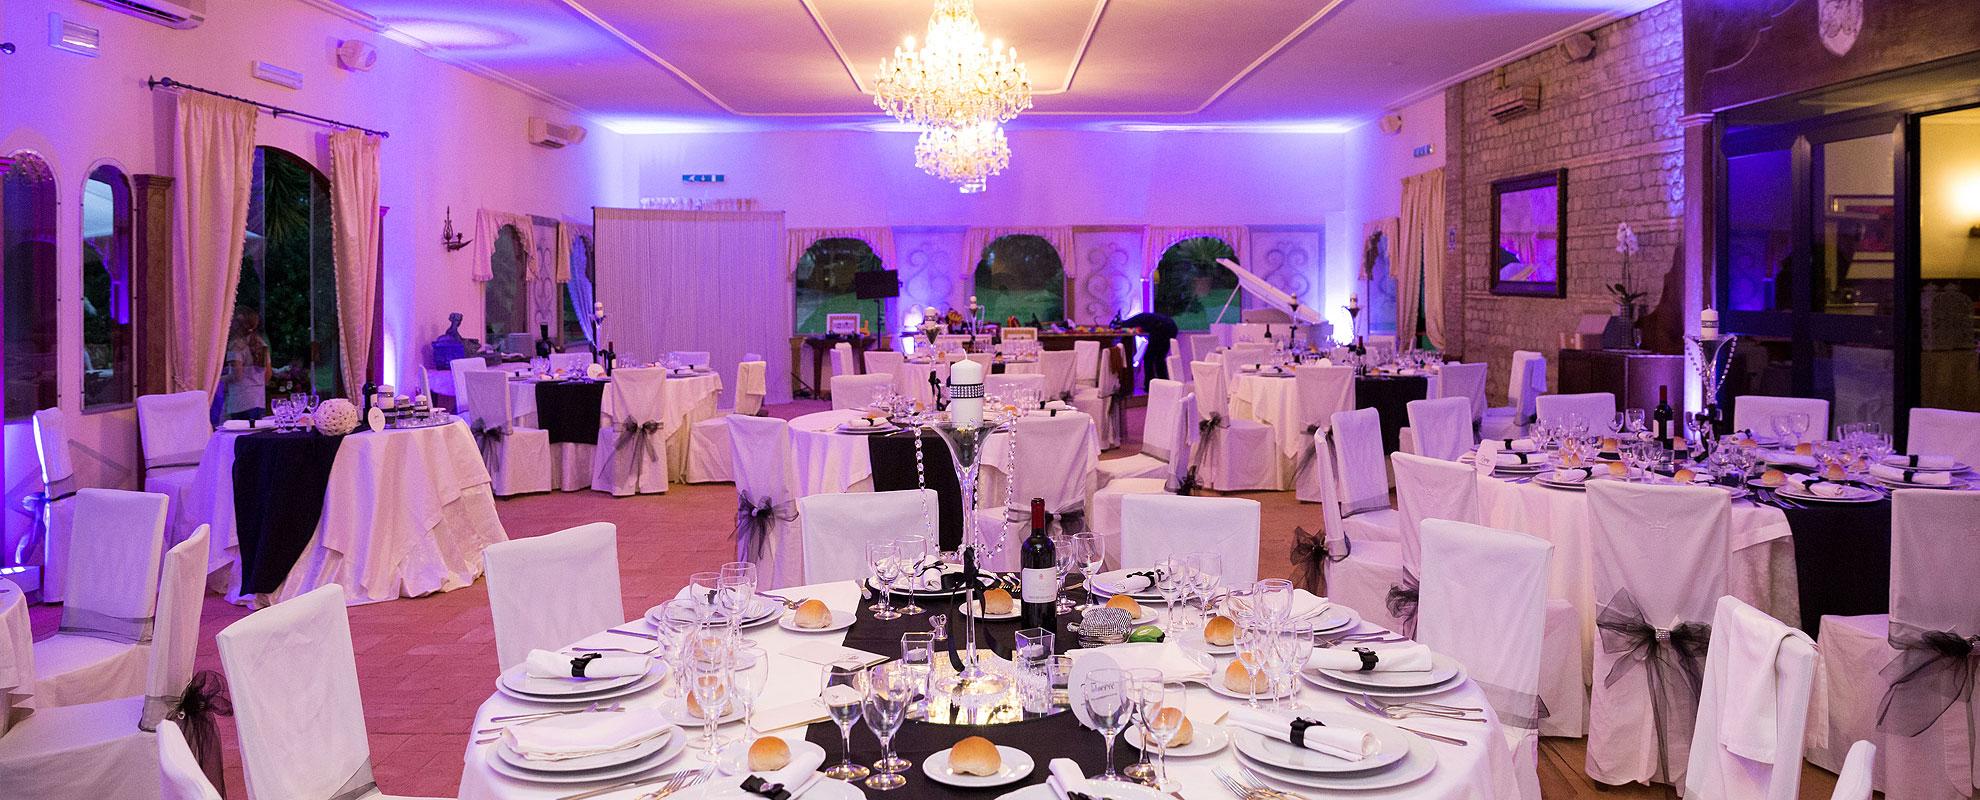 Salone Torlonia per matrimoni